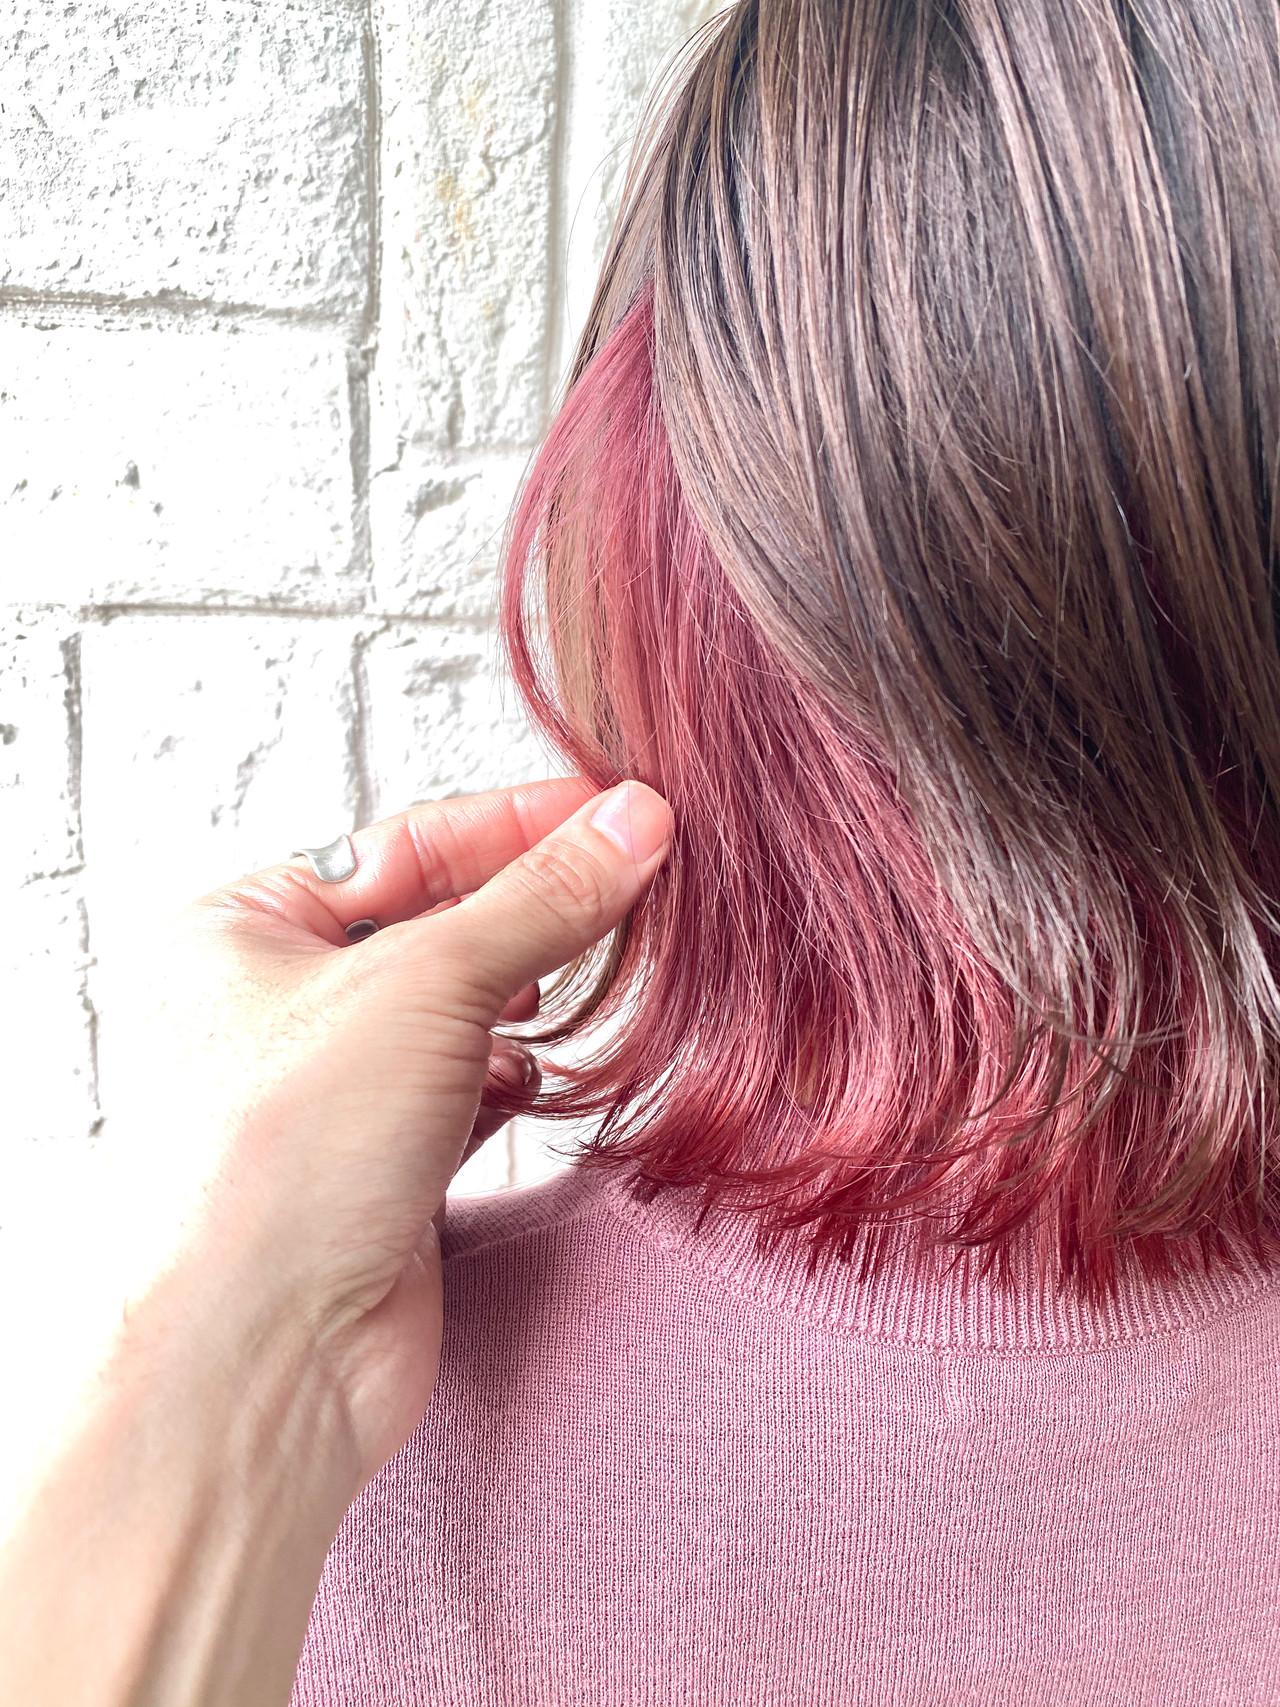 ミディアム ガーリー ピンクベージュ ピンク ヘアスタイルや髪型の写真・画像